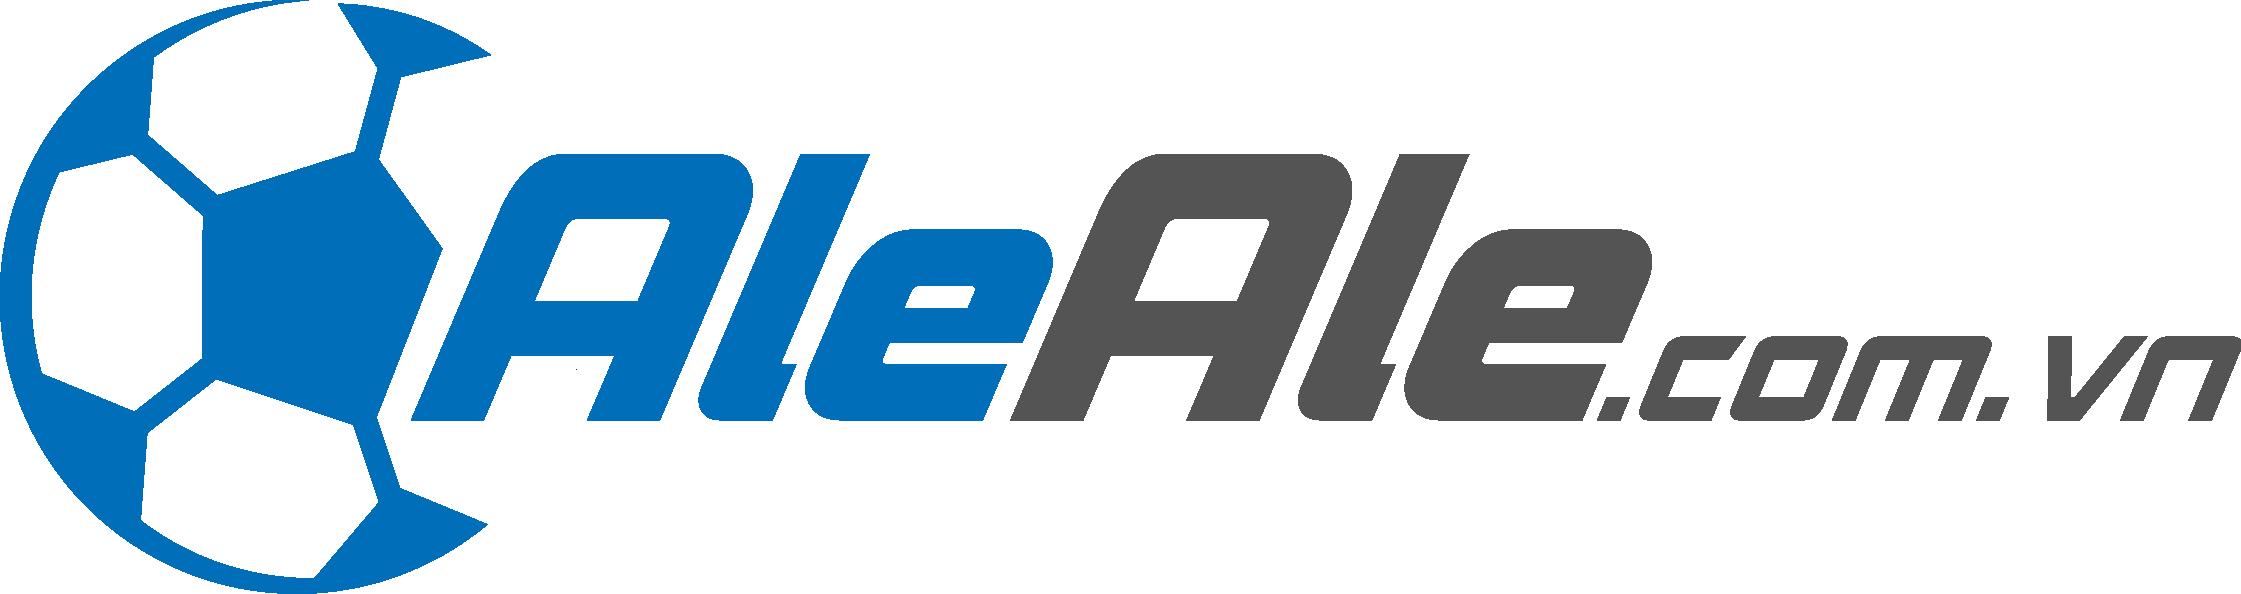 AleAle Việt Nam